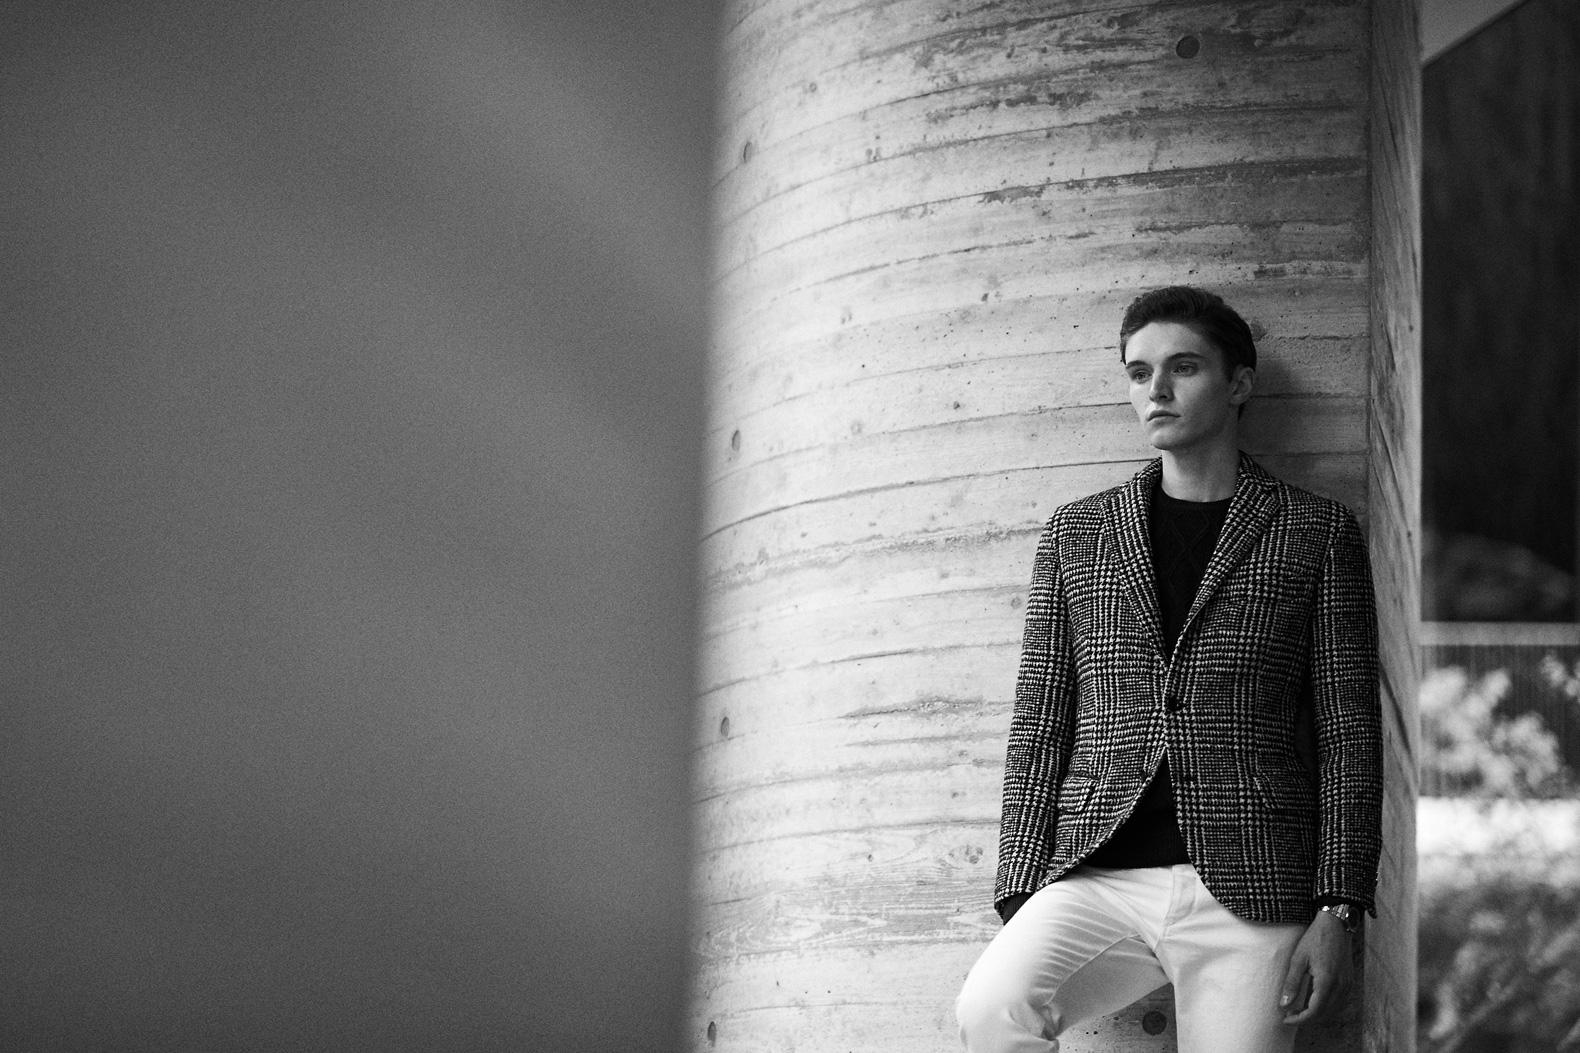 ラグジュアリーな英国トレンドが薫る nano LIBRARYのジャケット&コート